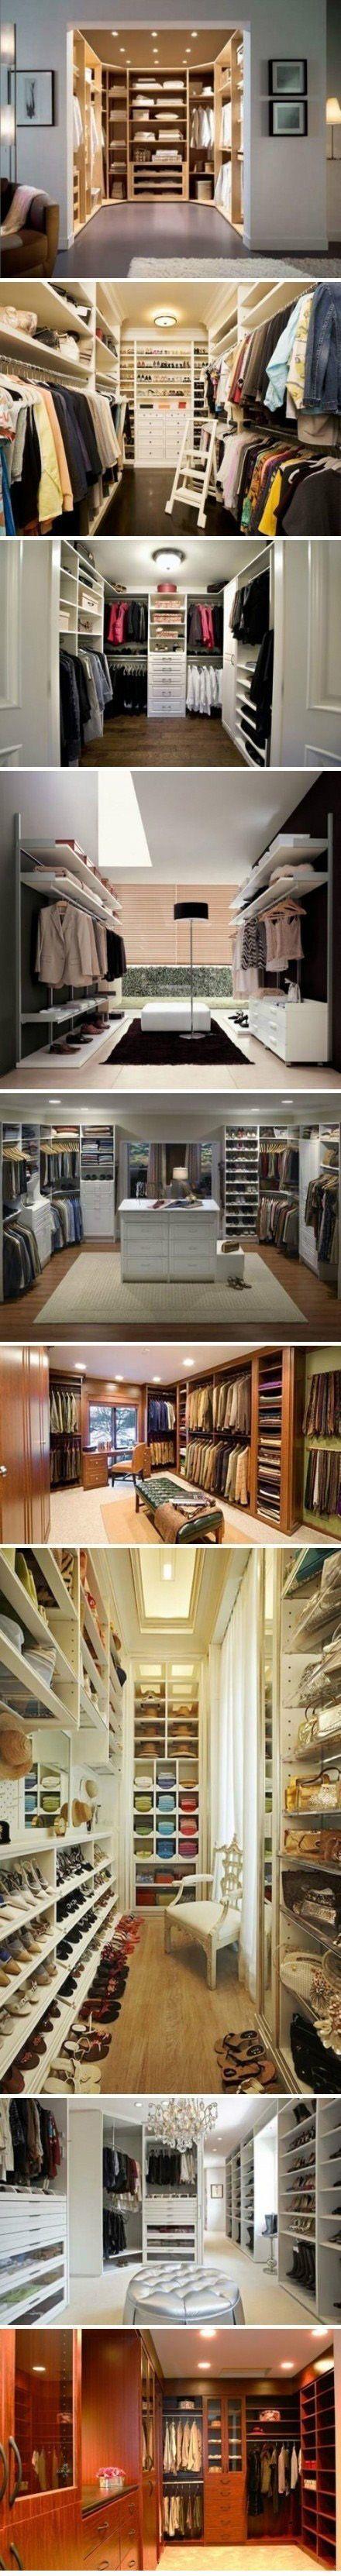 Dream walk-in wardrobe?